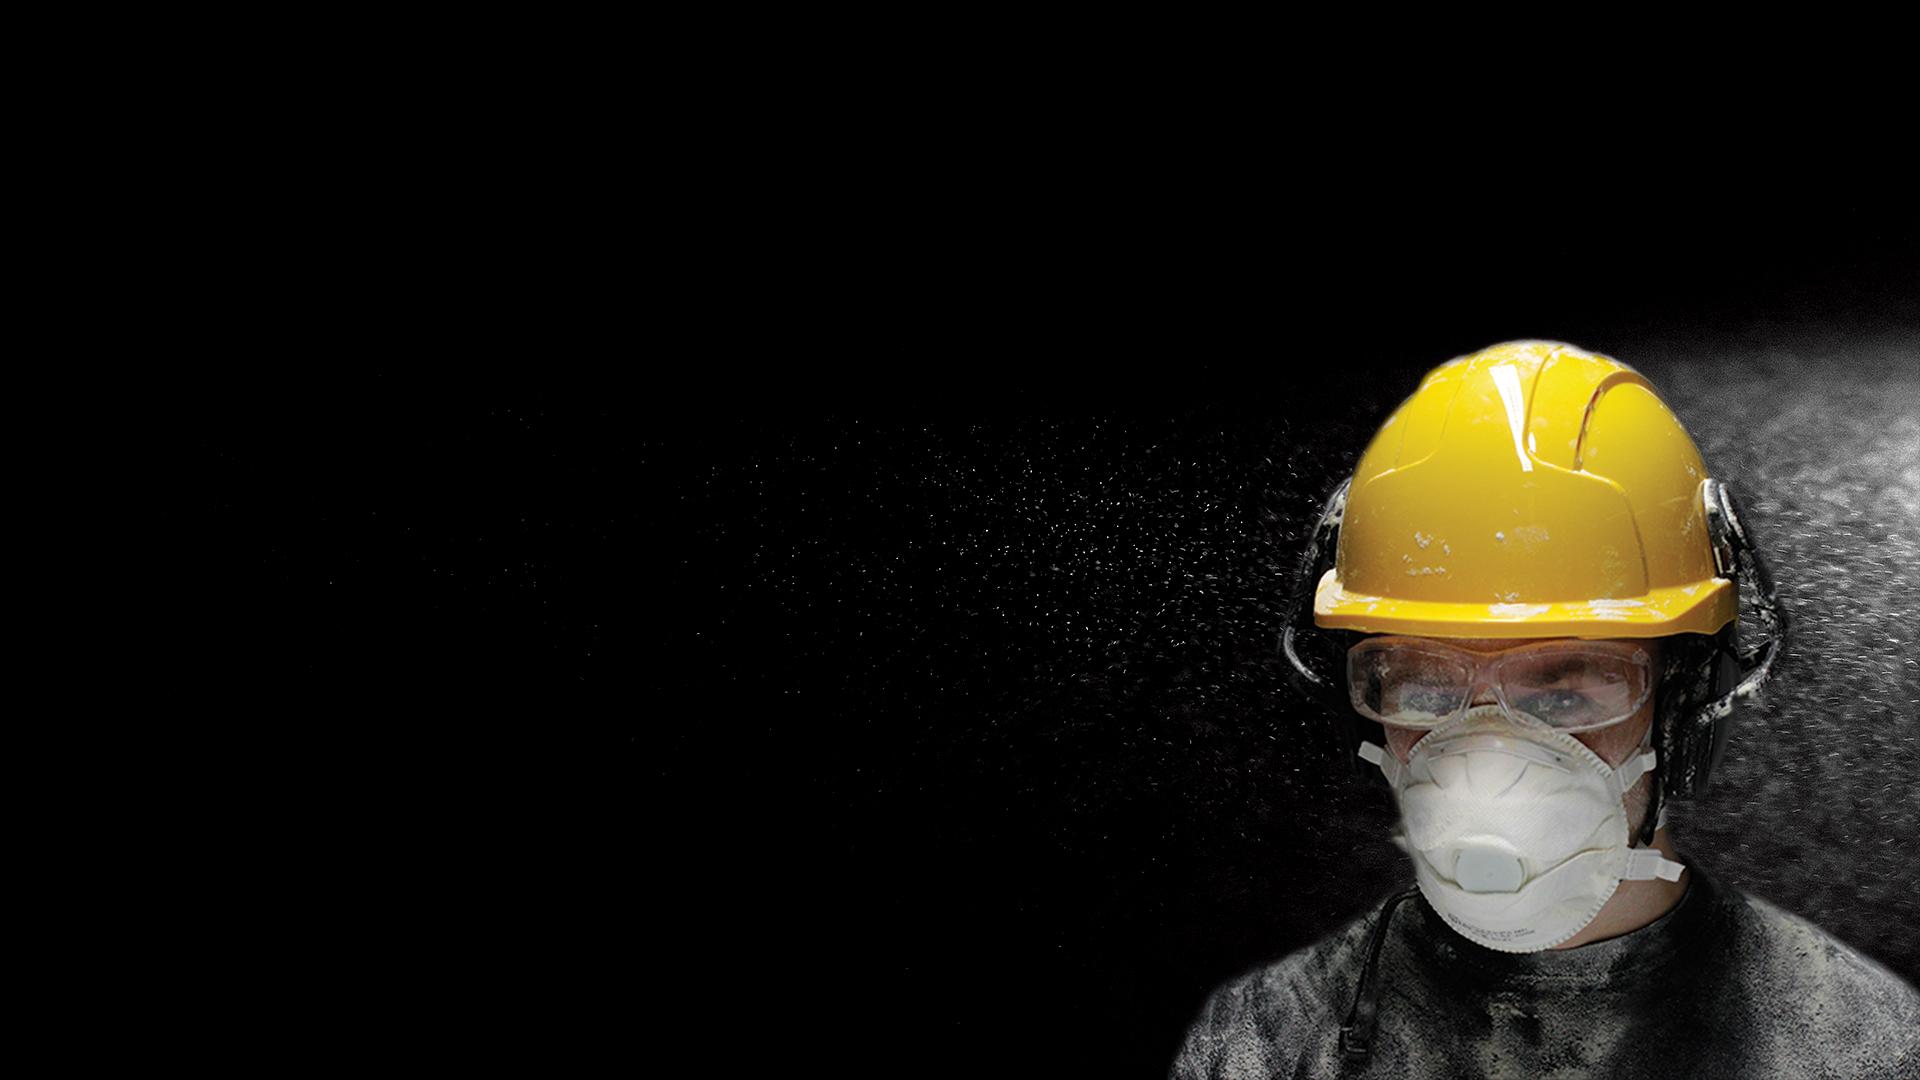 Rakennusalalla pölyntorjunta on muun muassa rakennusvalvojien vastuulla.He voivat edellyttää urakoitsijoilta toimenpiteitä, jos työmaan pölyntorjunnassa havaitaan puutteita. Kuva: Antti Väisänen